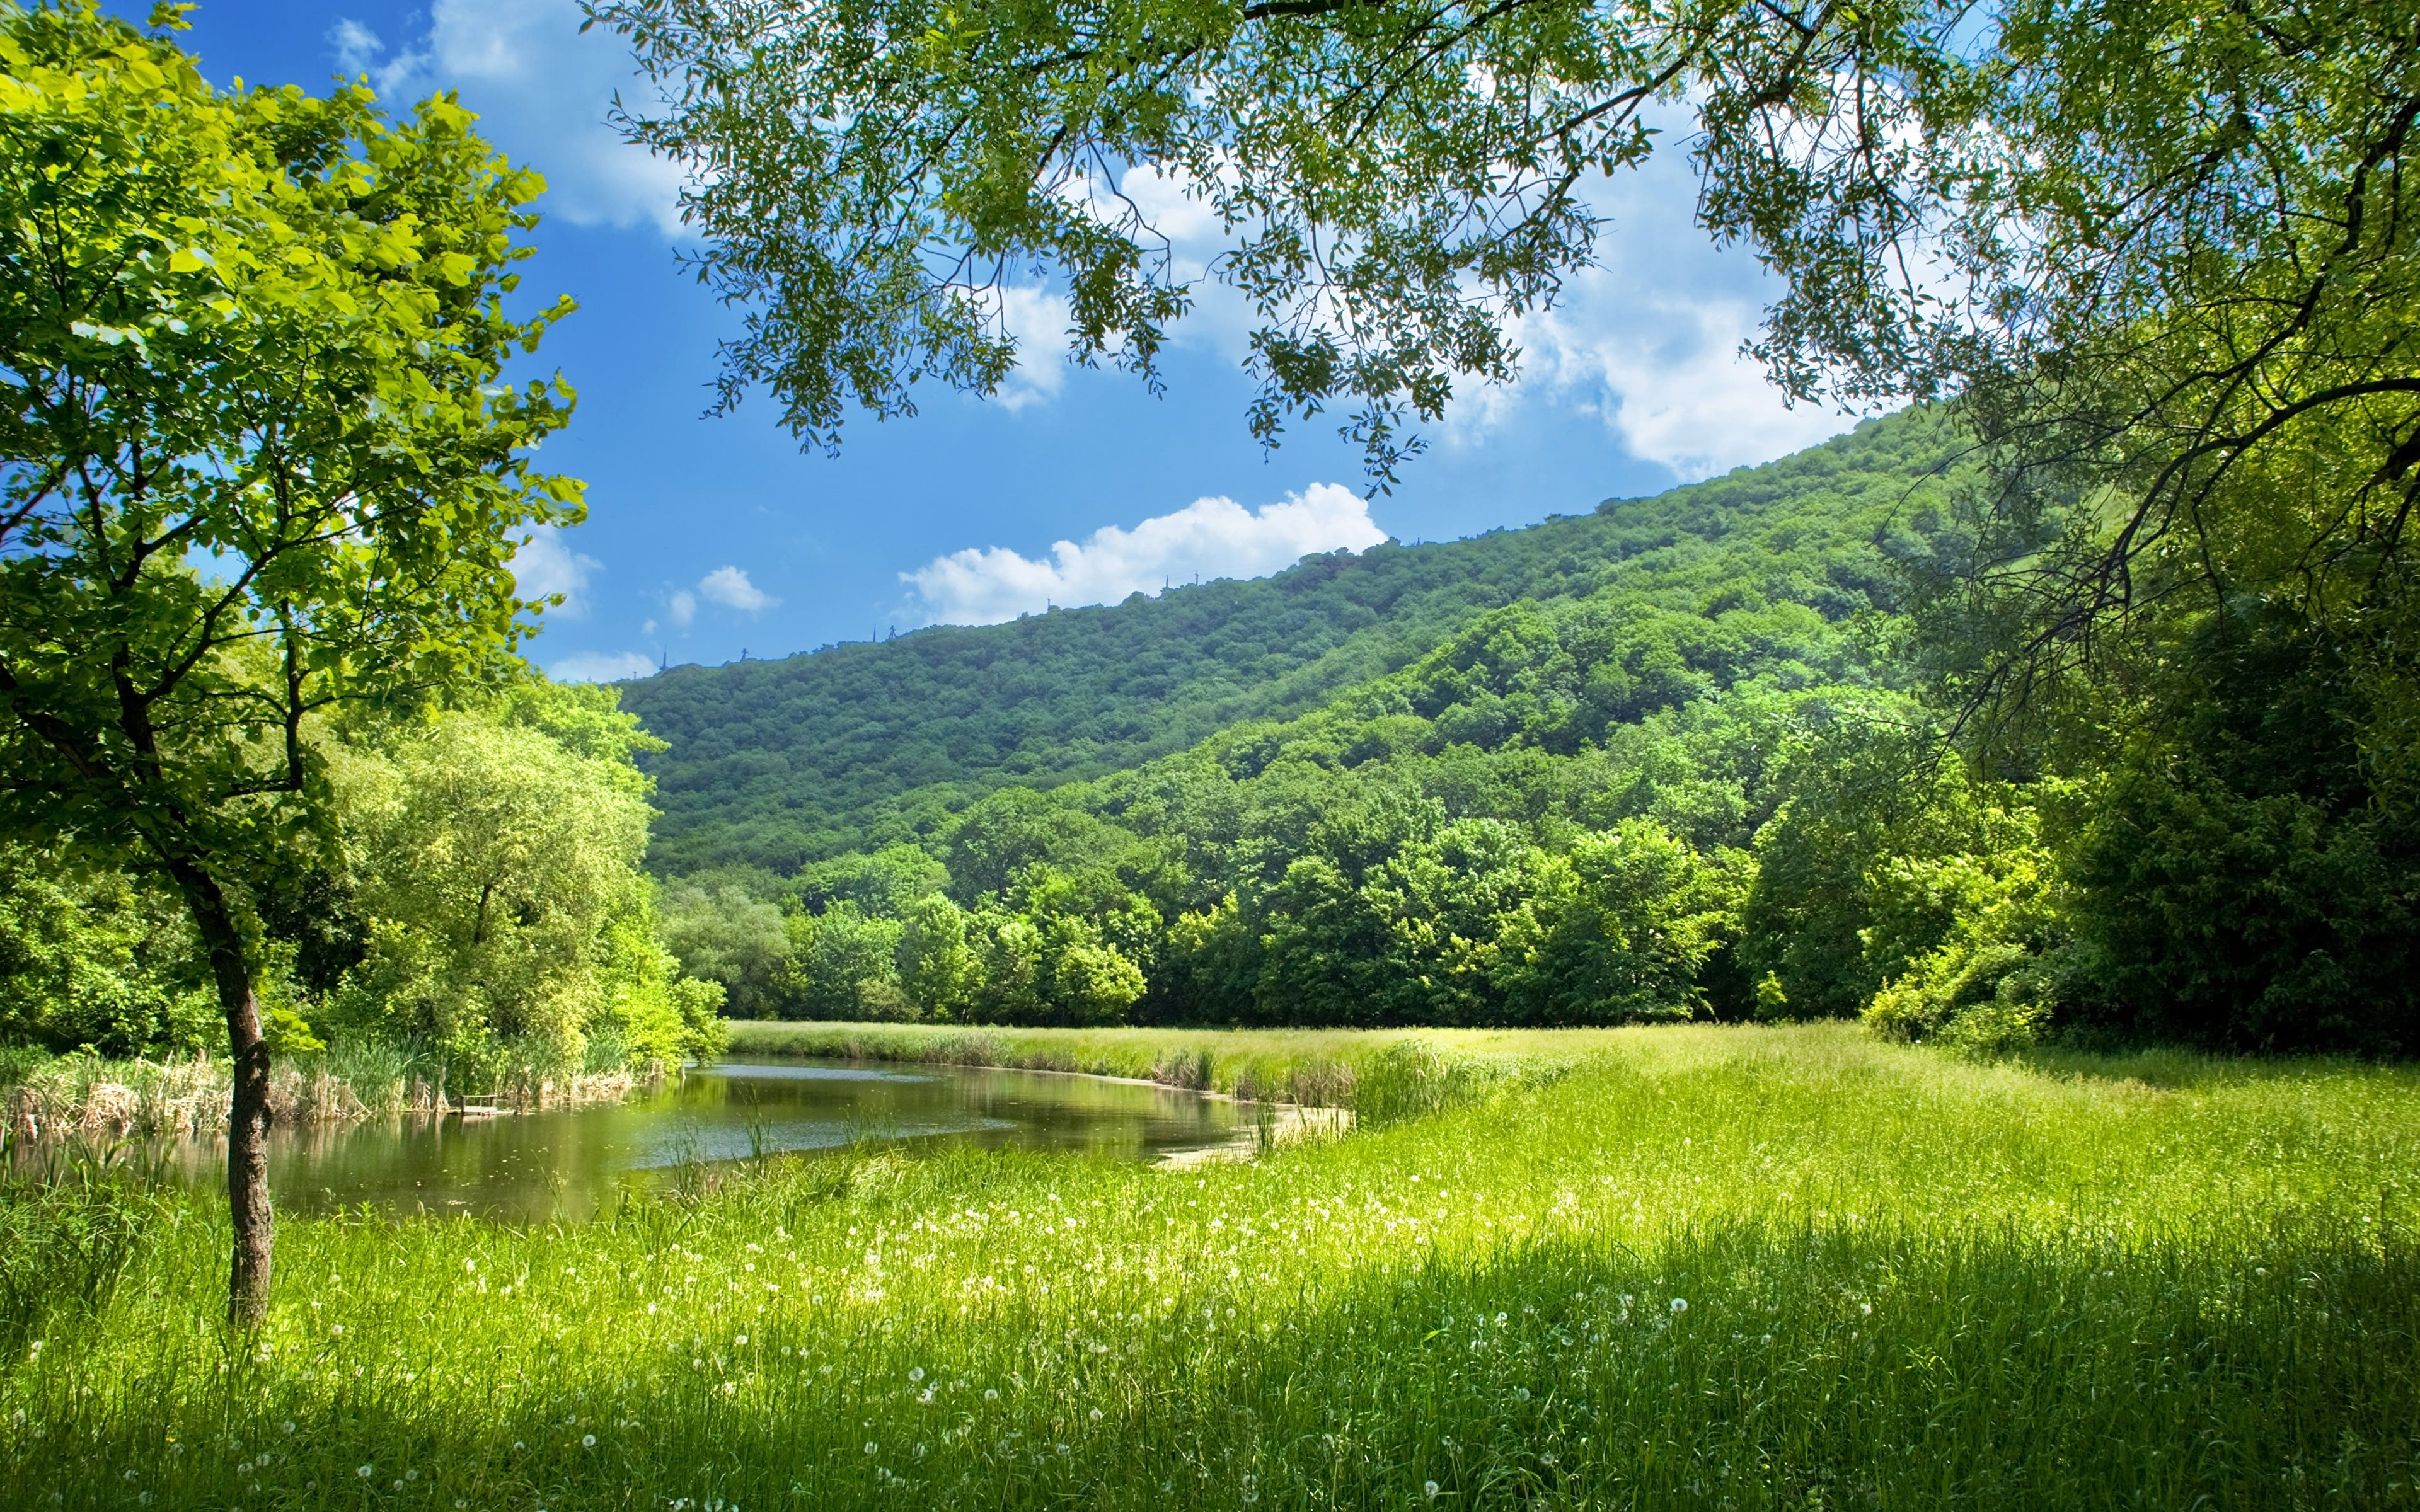 картинки прекрасное лето высыхания составляет